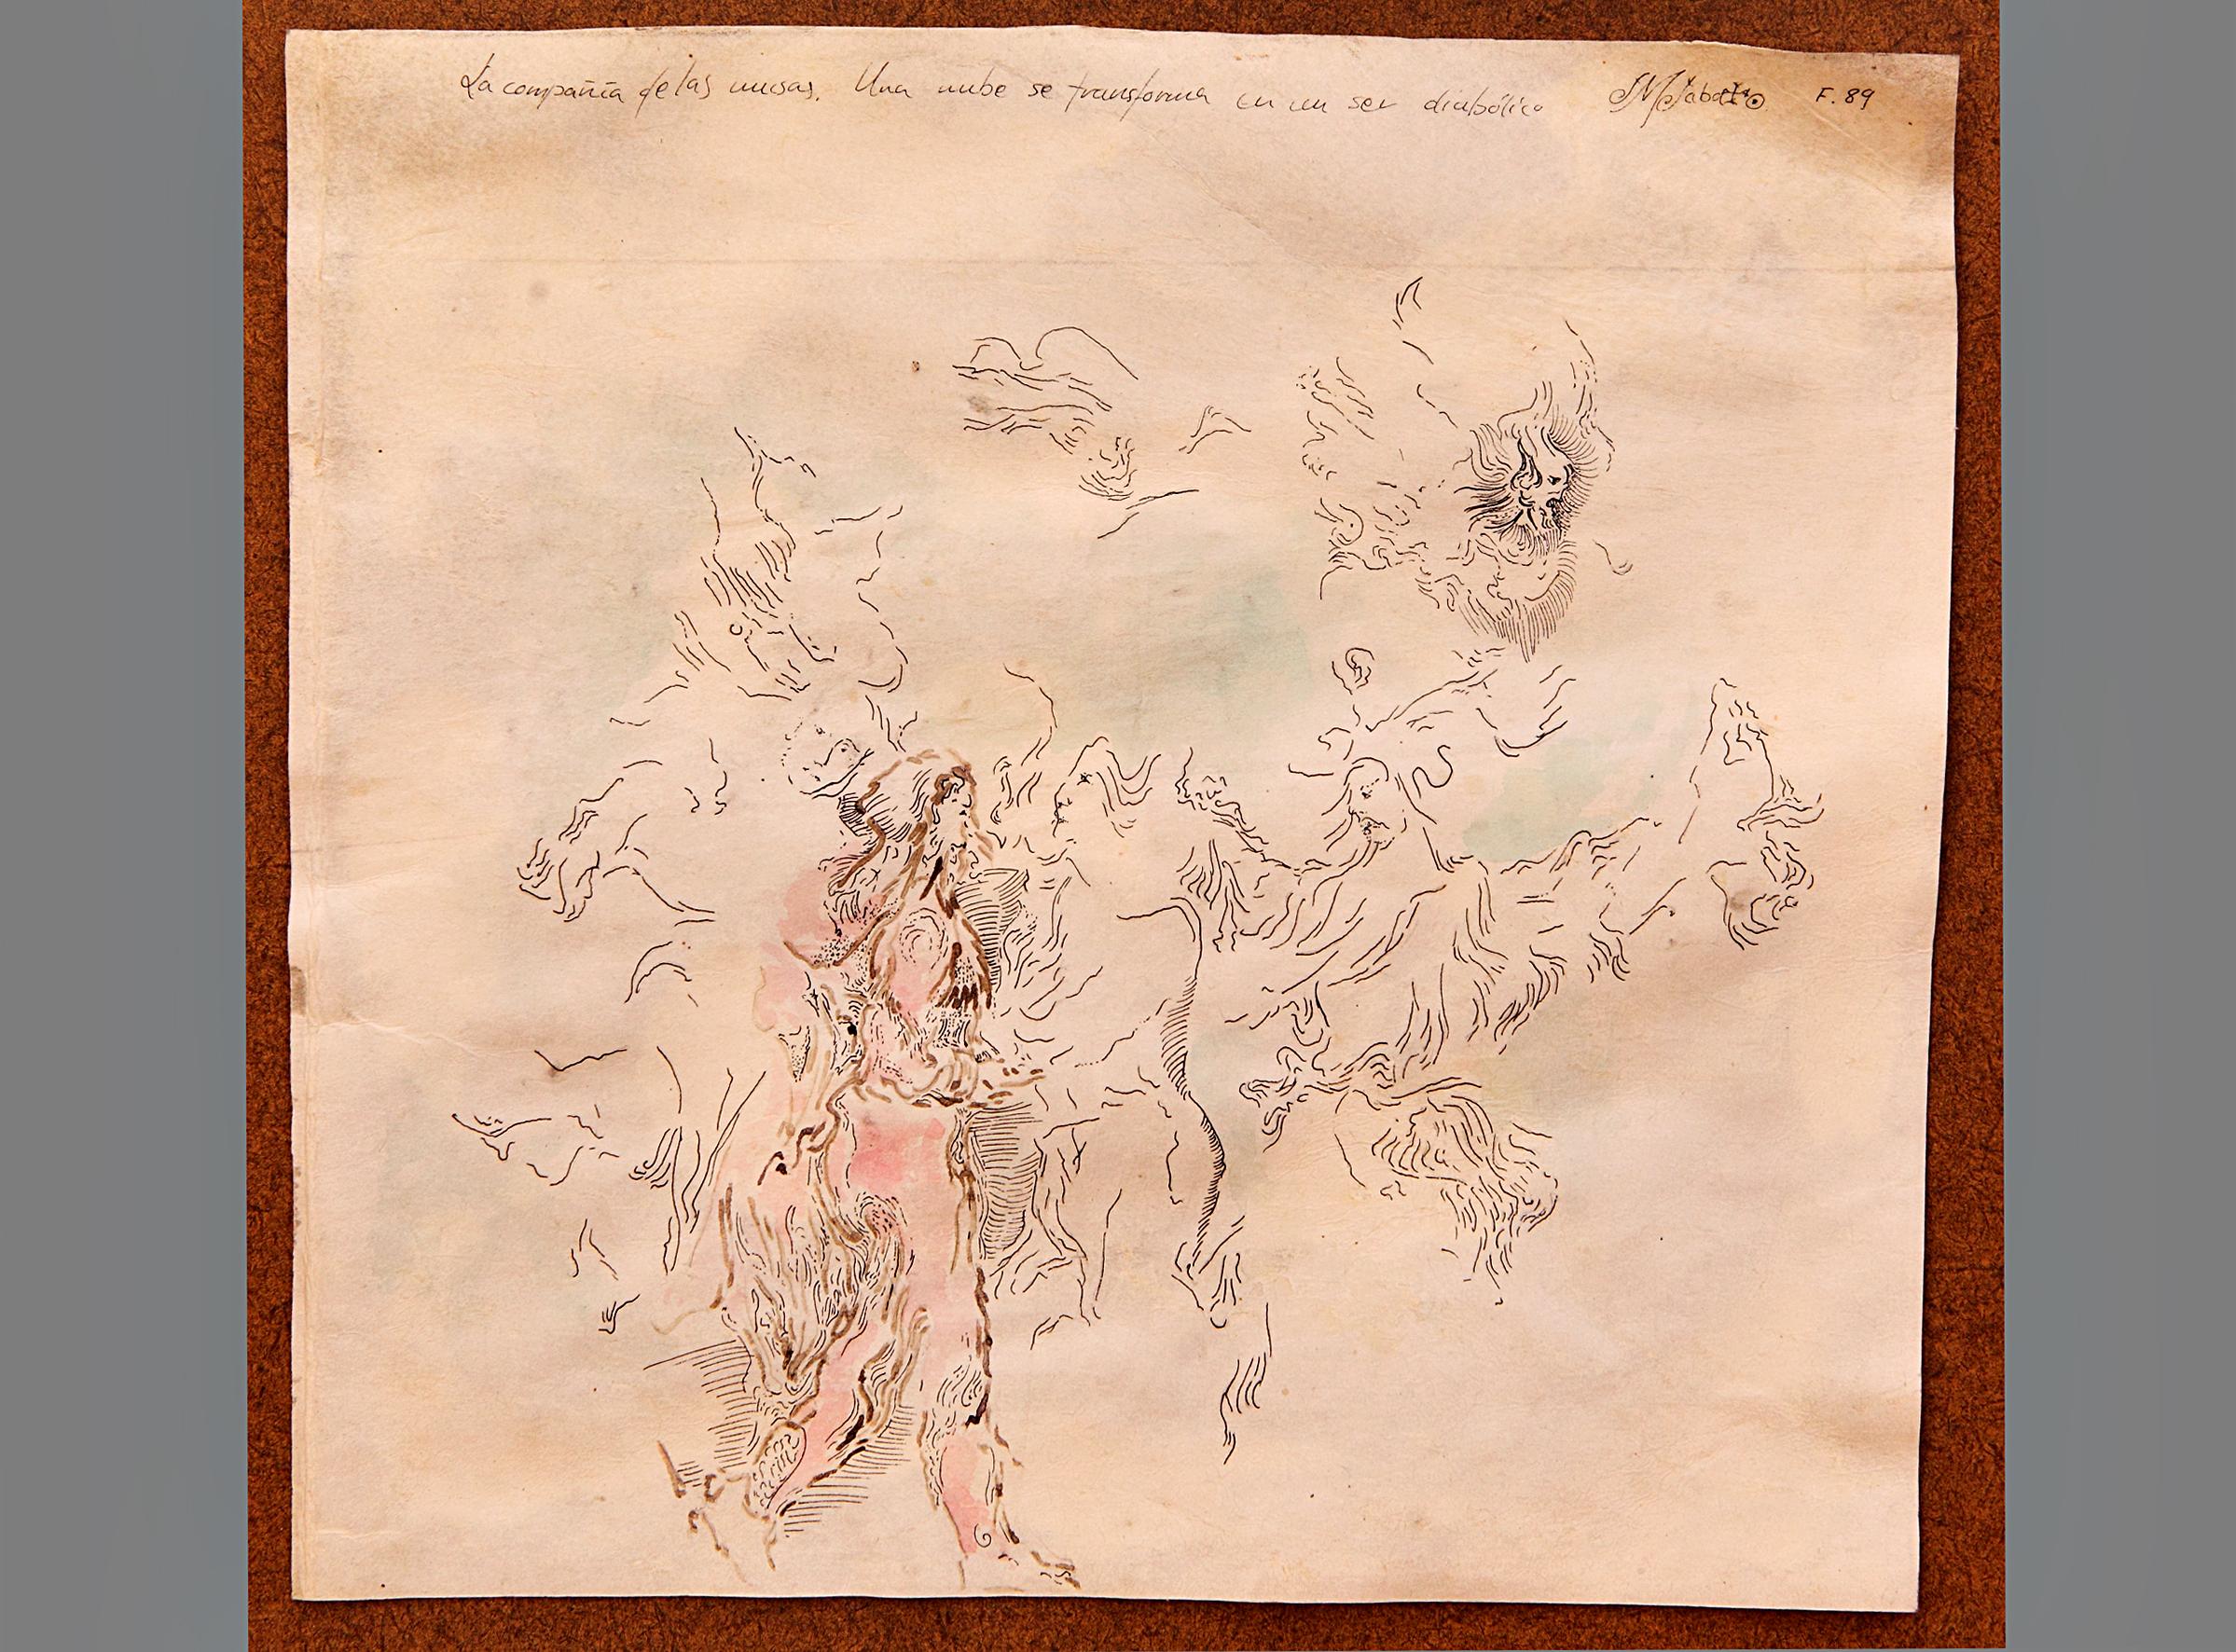 Fantasía. acuarela y tinta sobre pergamino.